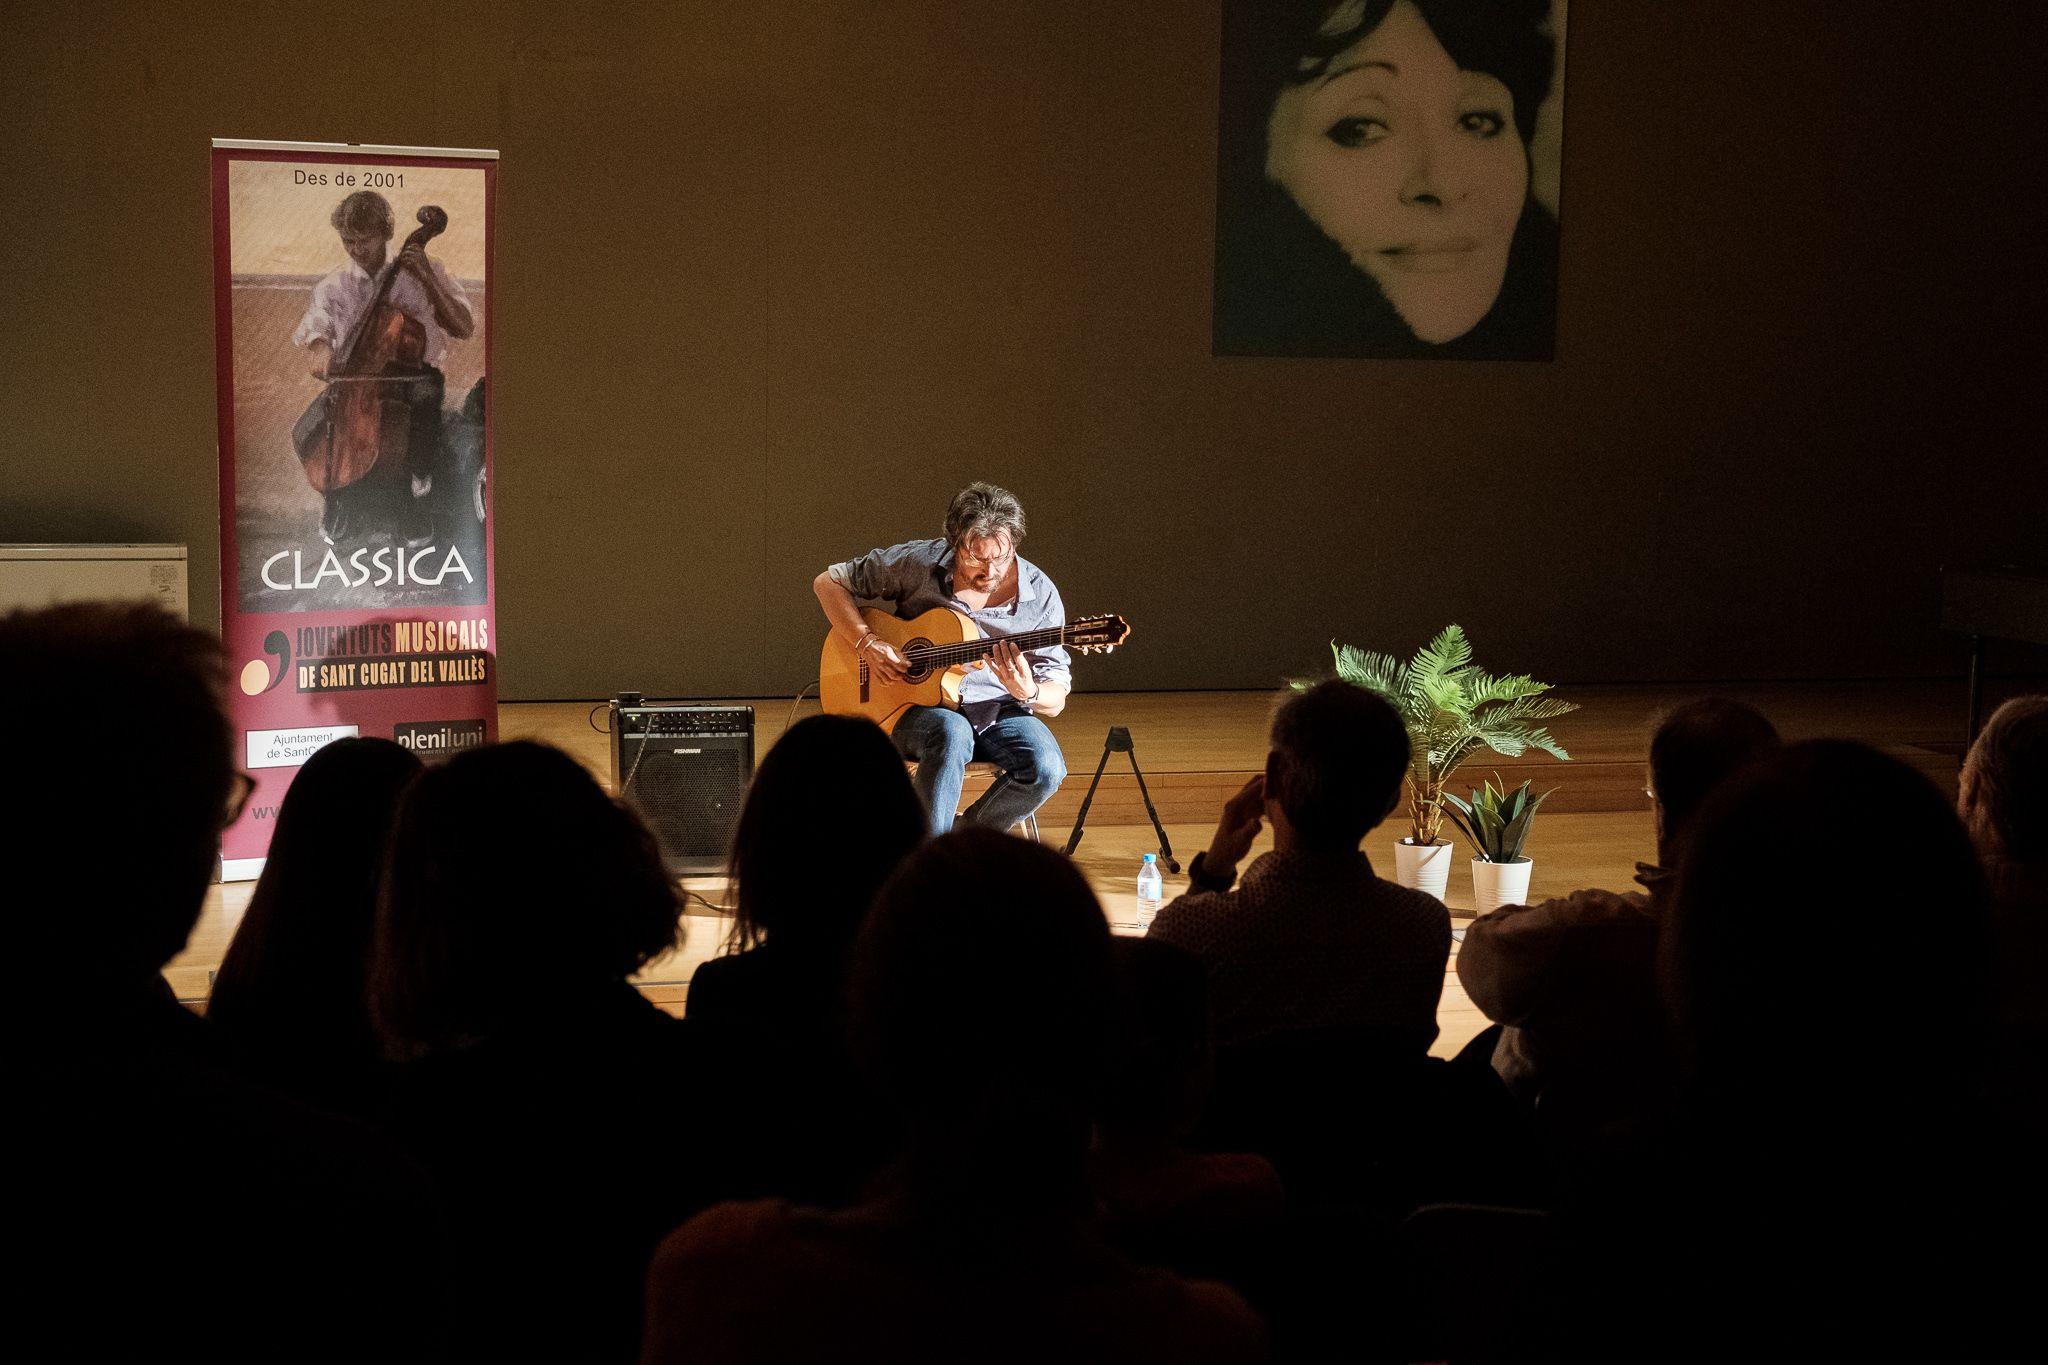 Concert d'Oriol Saltor al conservatori. FOTO: Ale Gómez